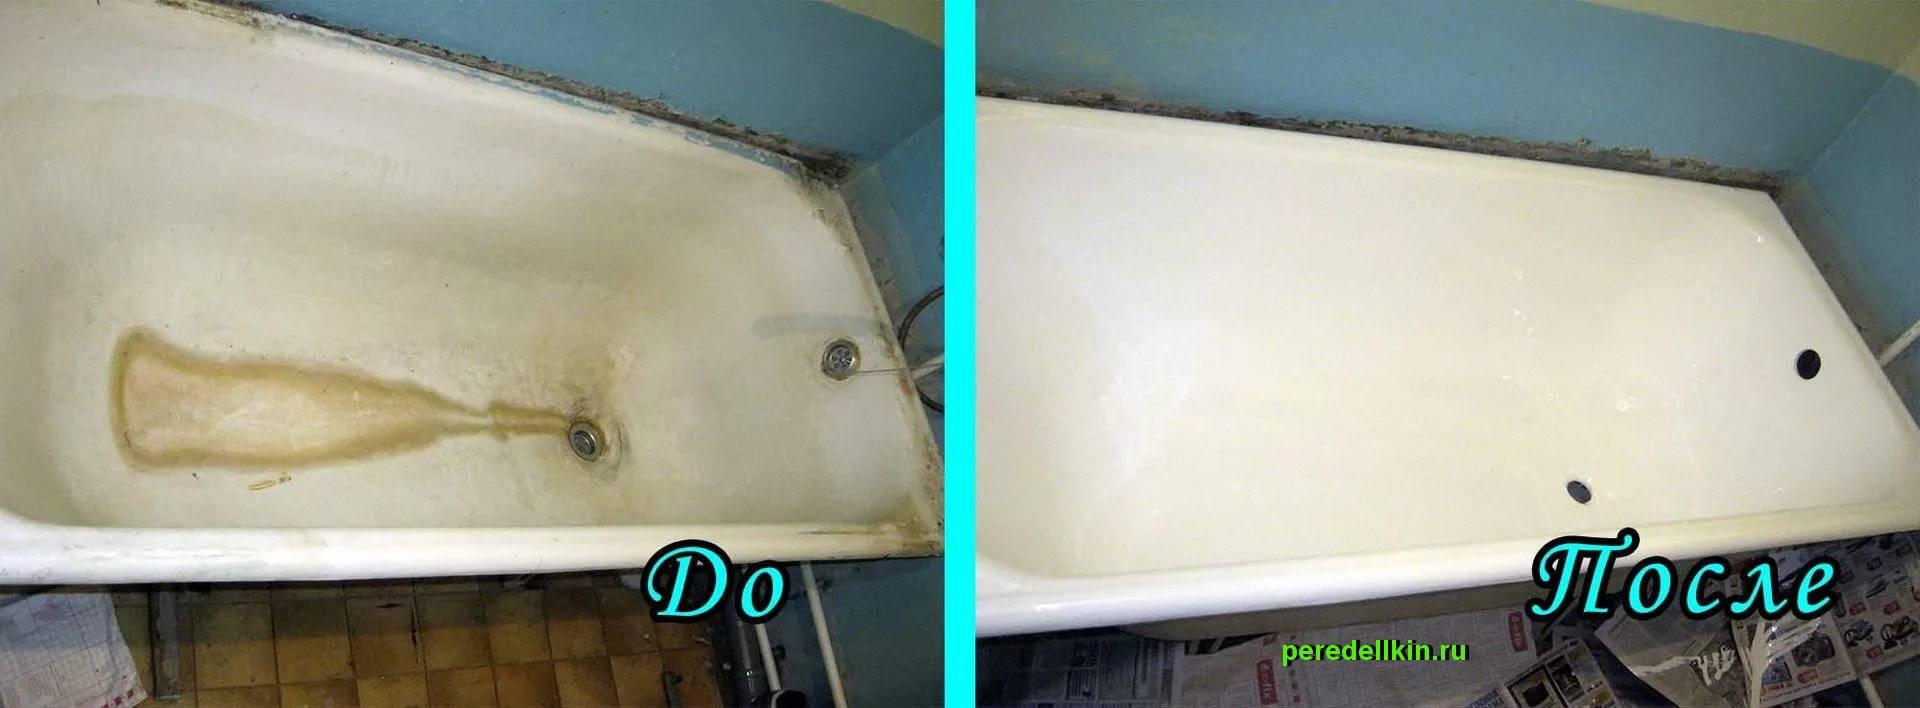 Реставрация ванны своими руками: эффективная последовательность